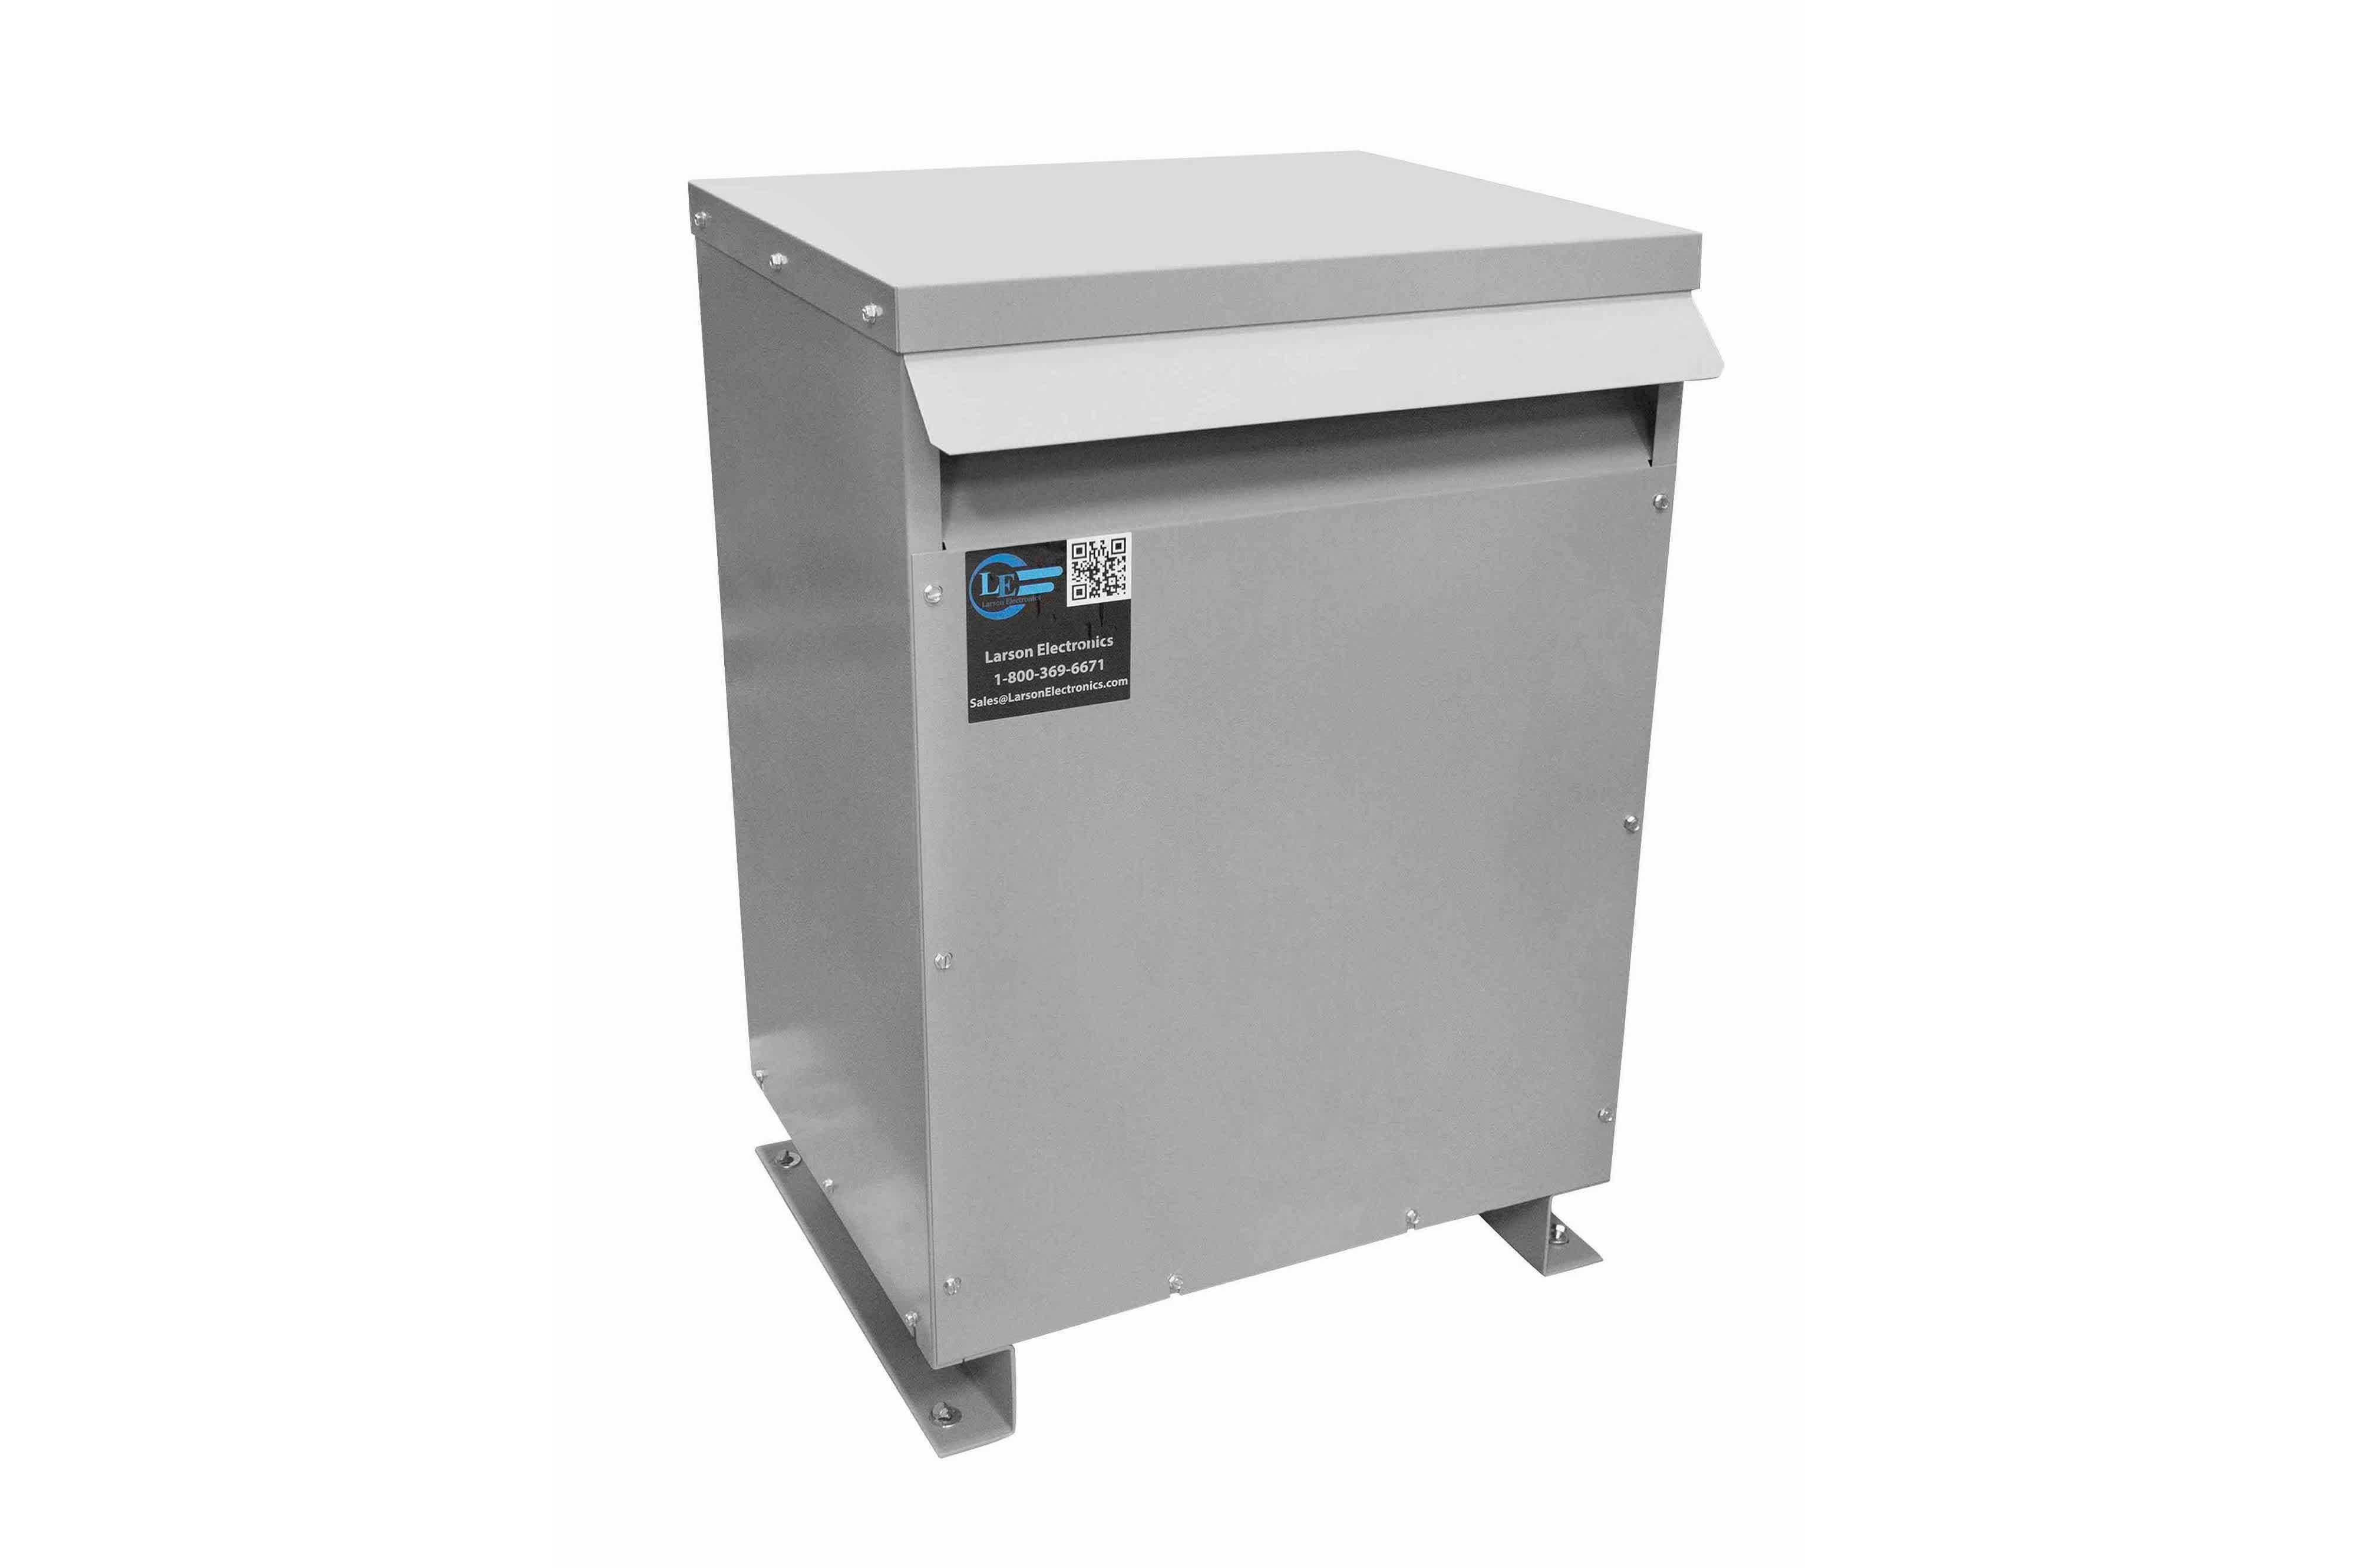 38 kVA 3PH Isolation Transformer, 440V Delta Primary, 208V Delta Secondary, N3R, Ventilated, 60 Hz